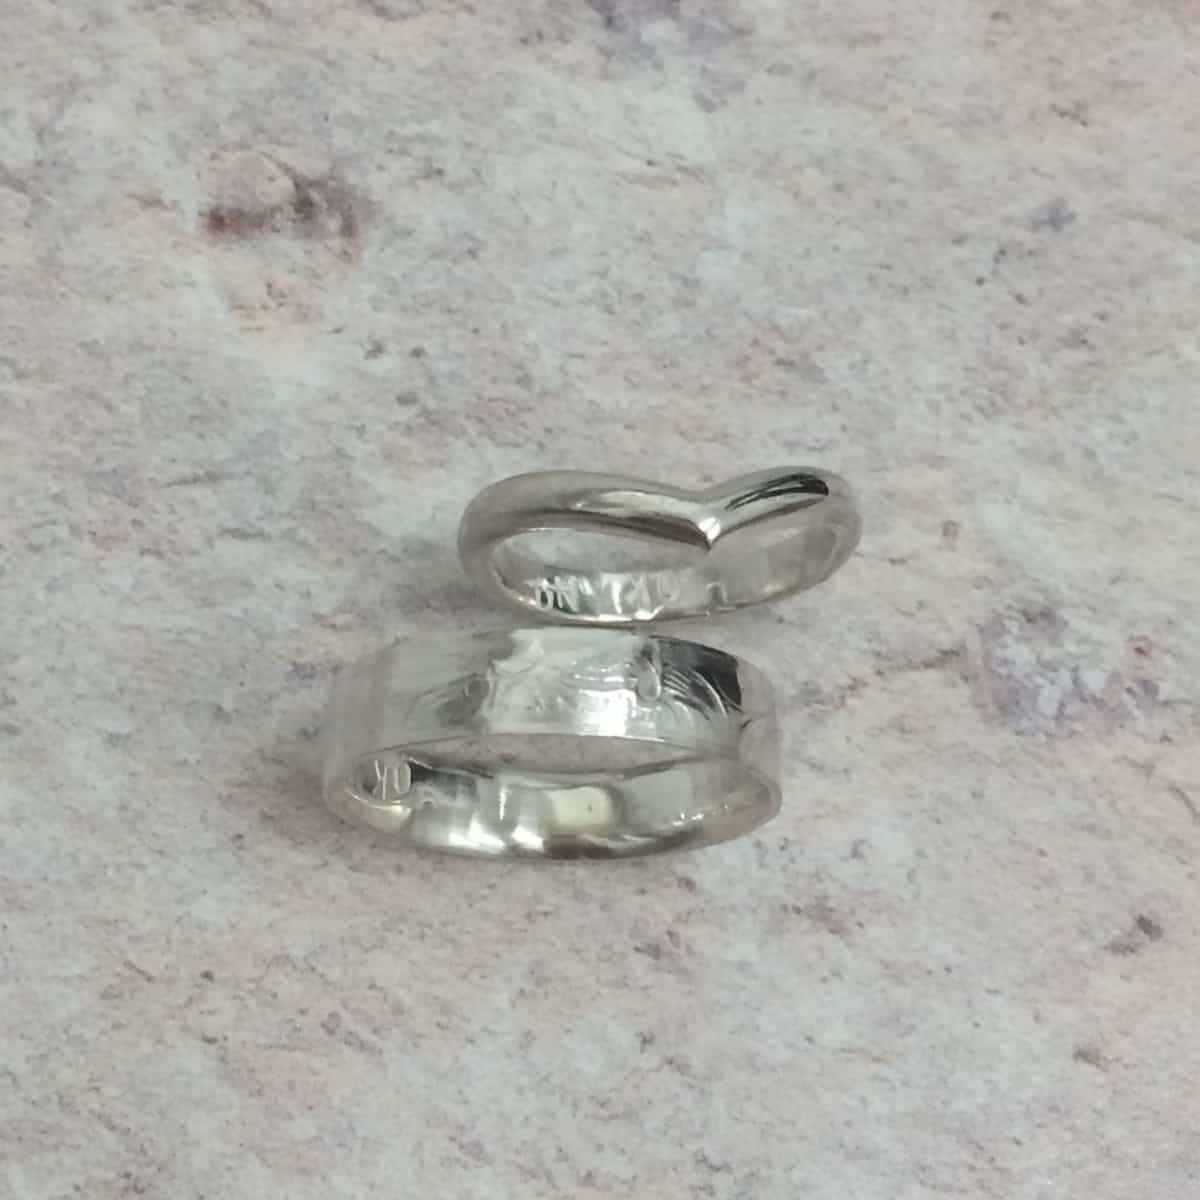 Amy and Same make wedding rings